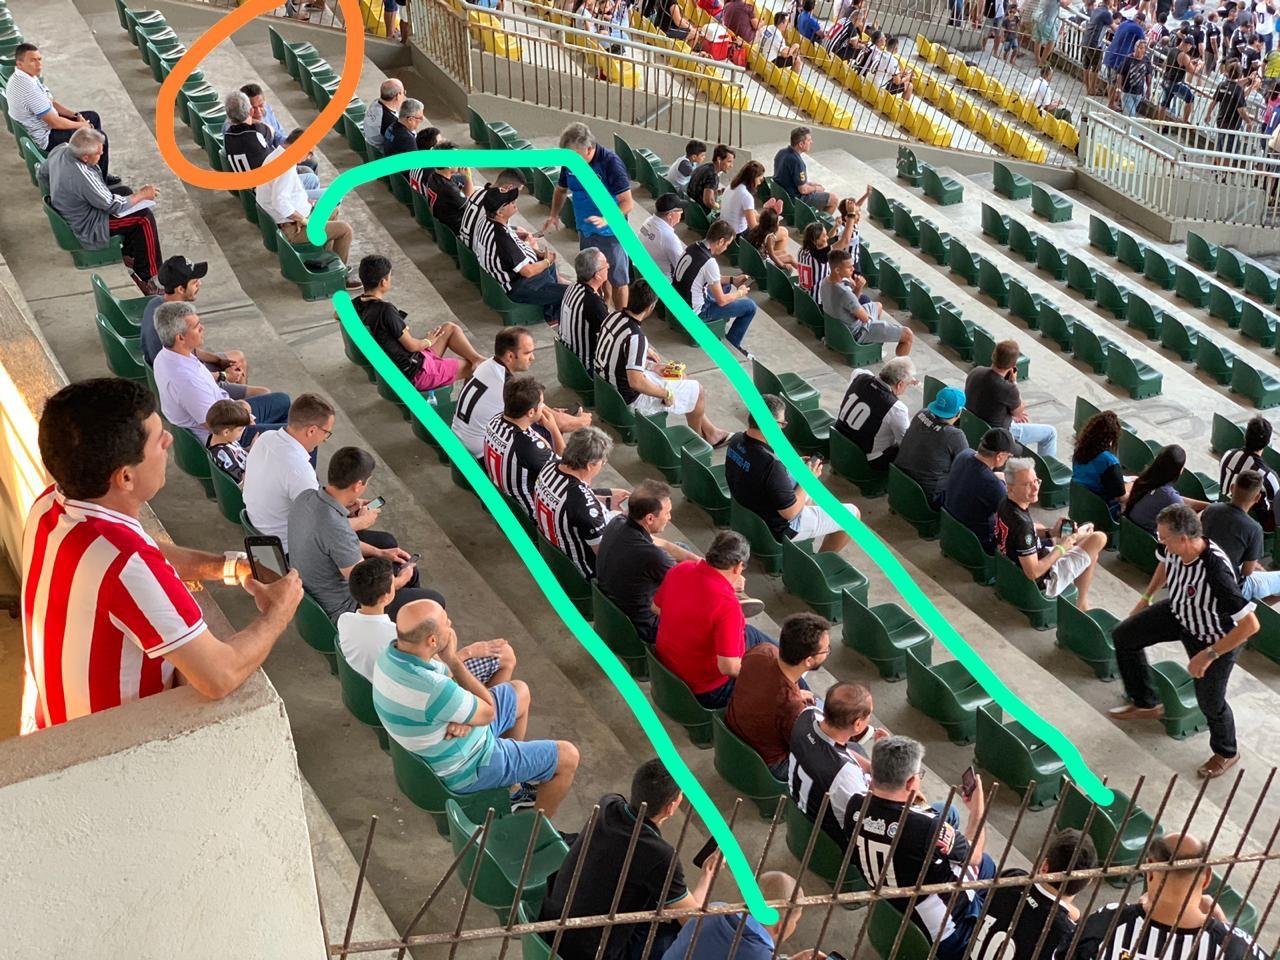 acdc13d3 1a10 417d a7c1 1277c61fbc18 - João Azevedo e Ricardo Coutinho se evitam no jogo do Belo e aumentam rumores de crise no PSB - VEJA VÍDEO